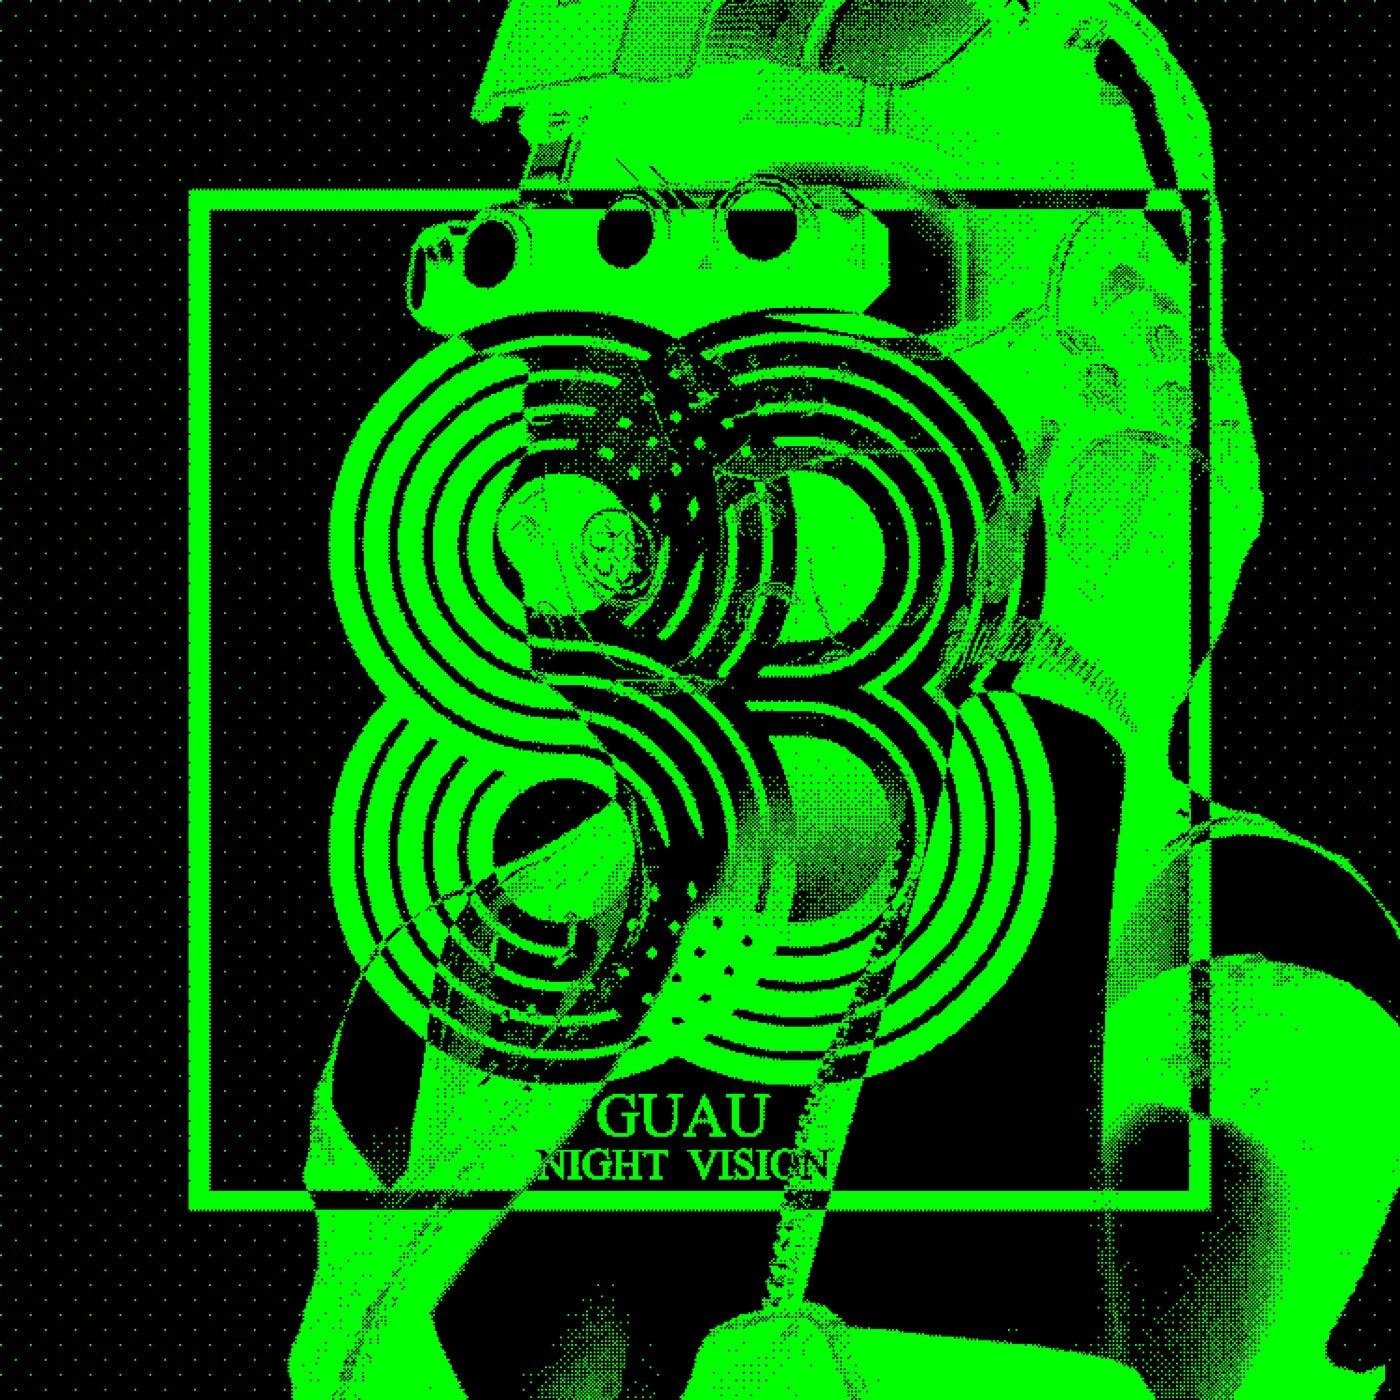 Guau music download - Beatport